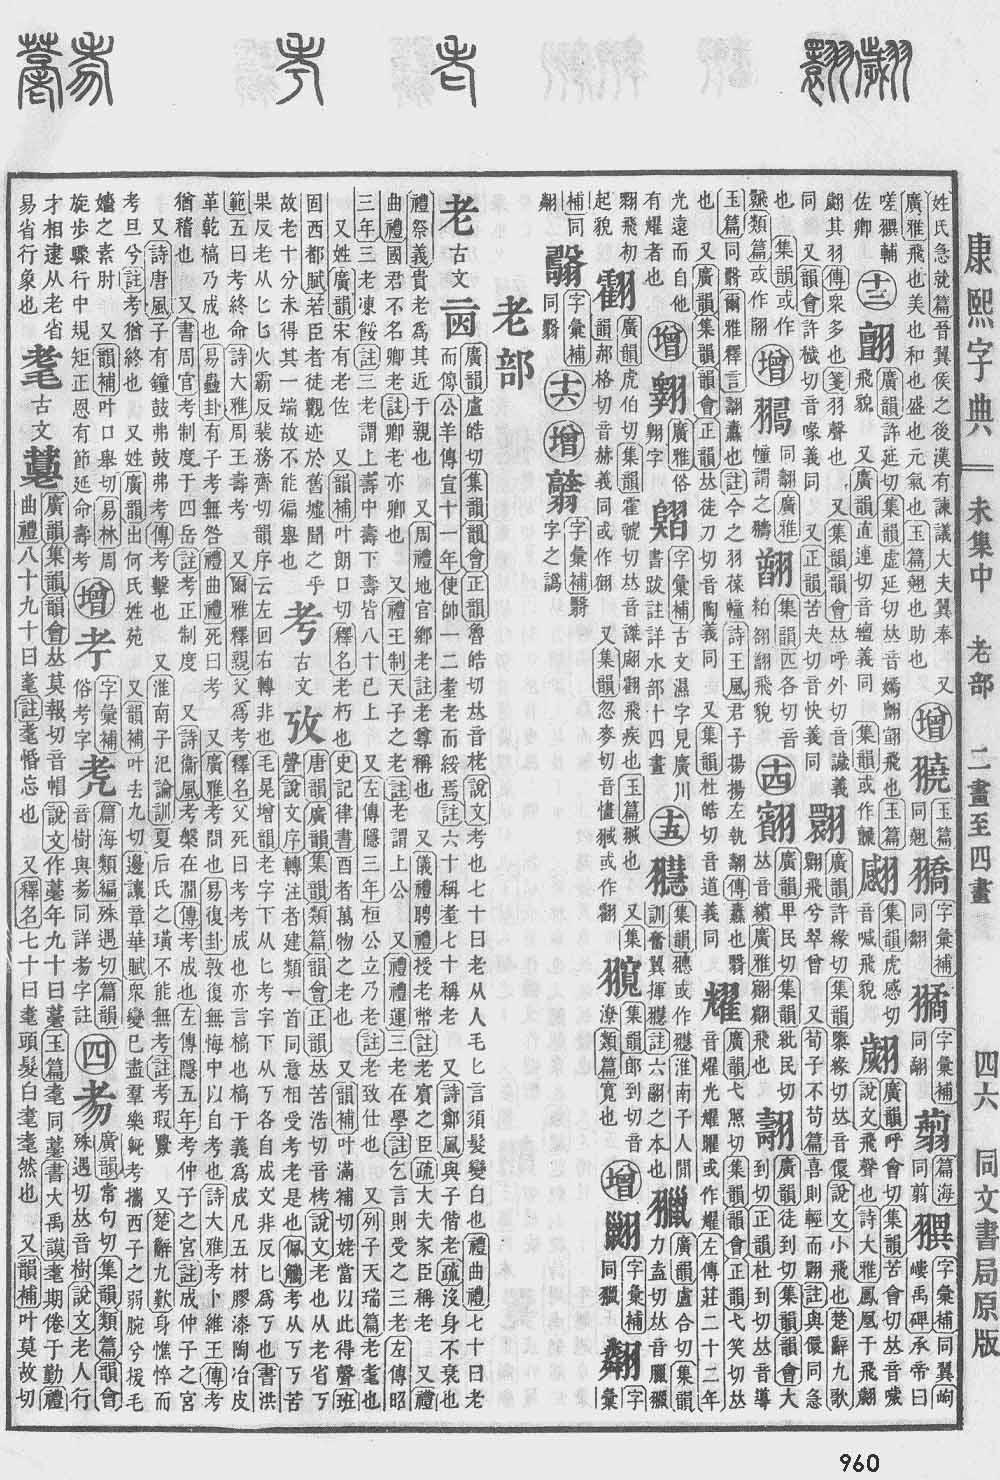 《康熙字典》第960页